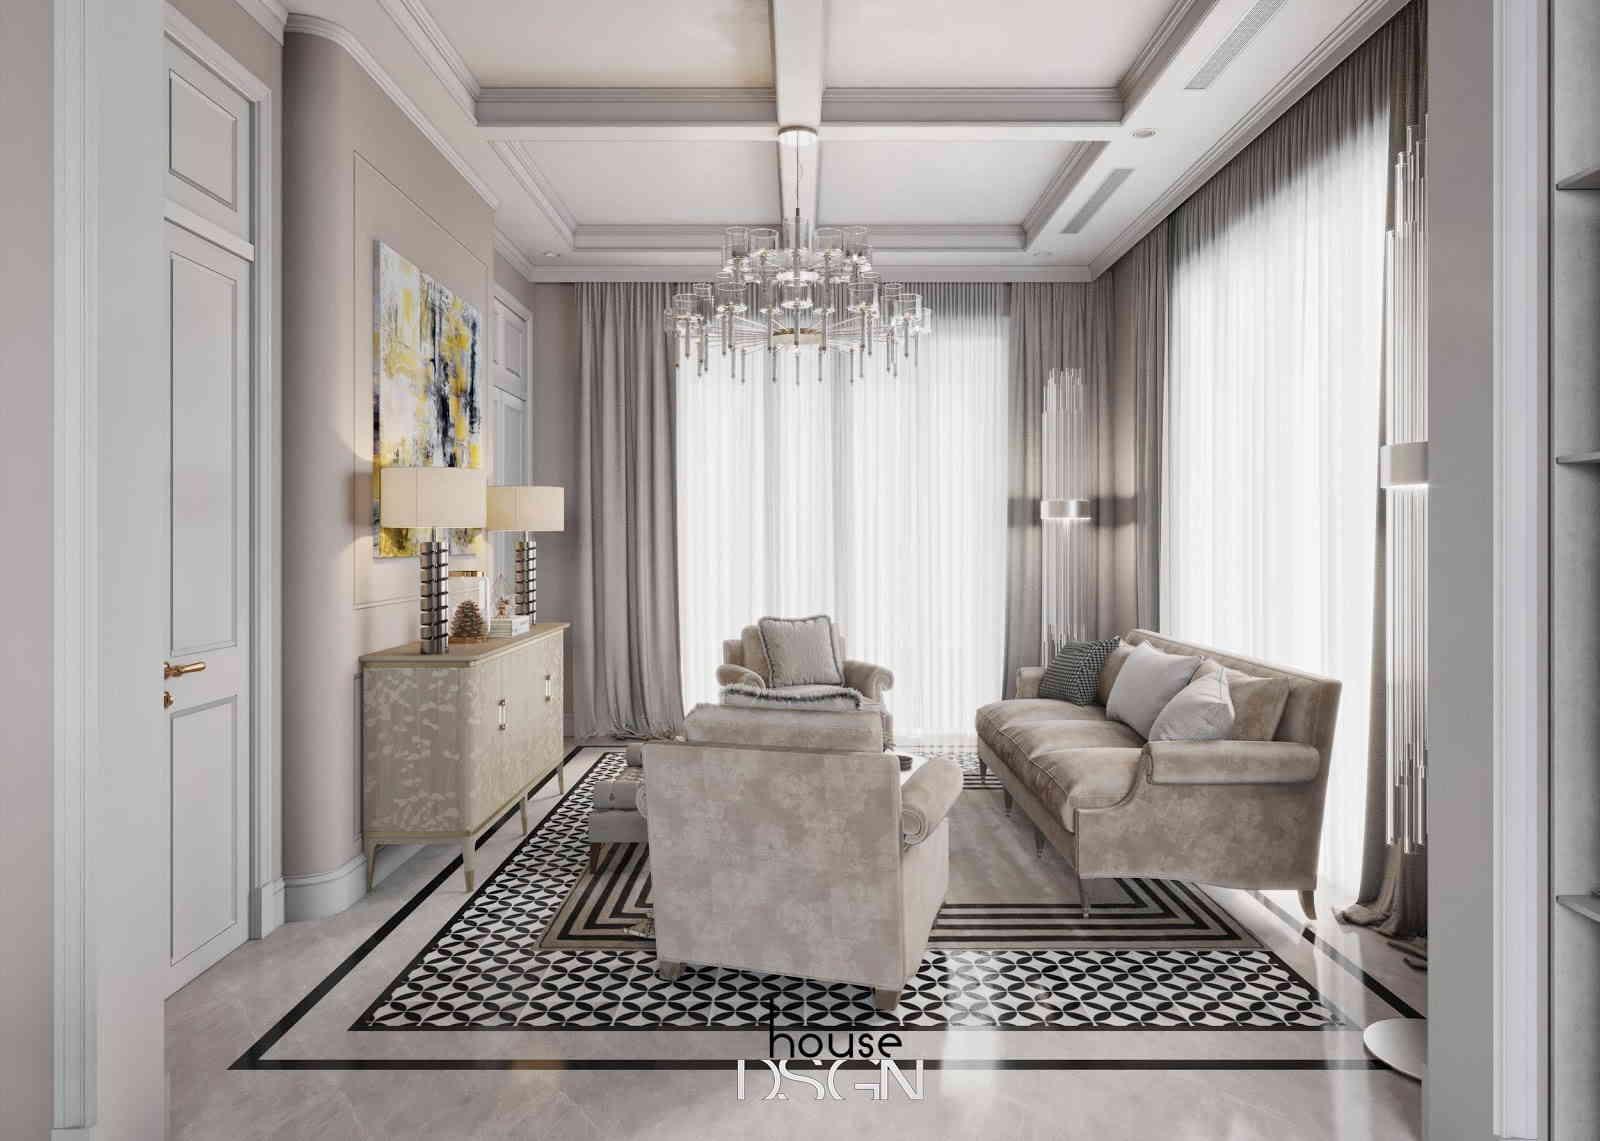 Phong cách cổ điển trong thiết kế nội thất tiện nghi